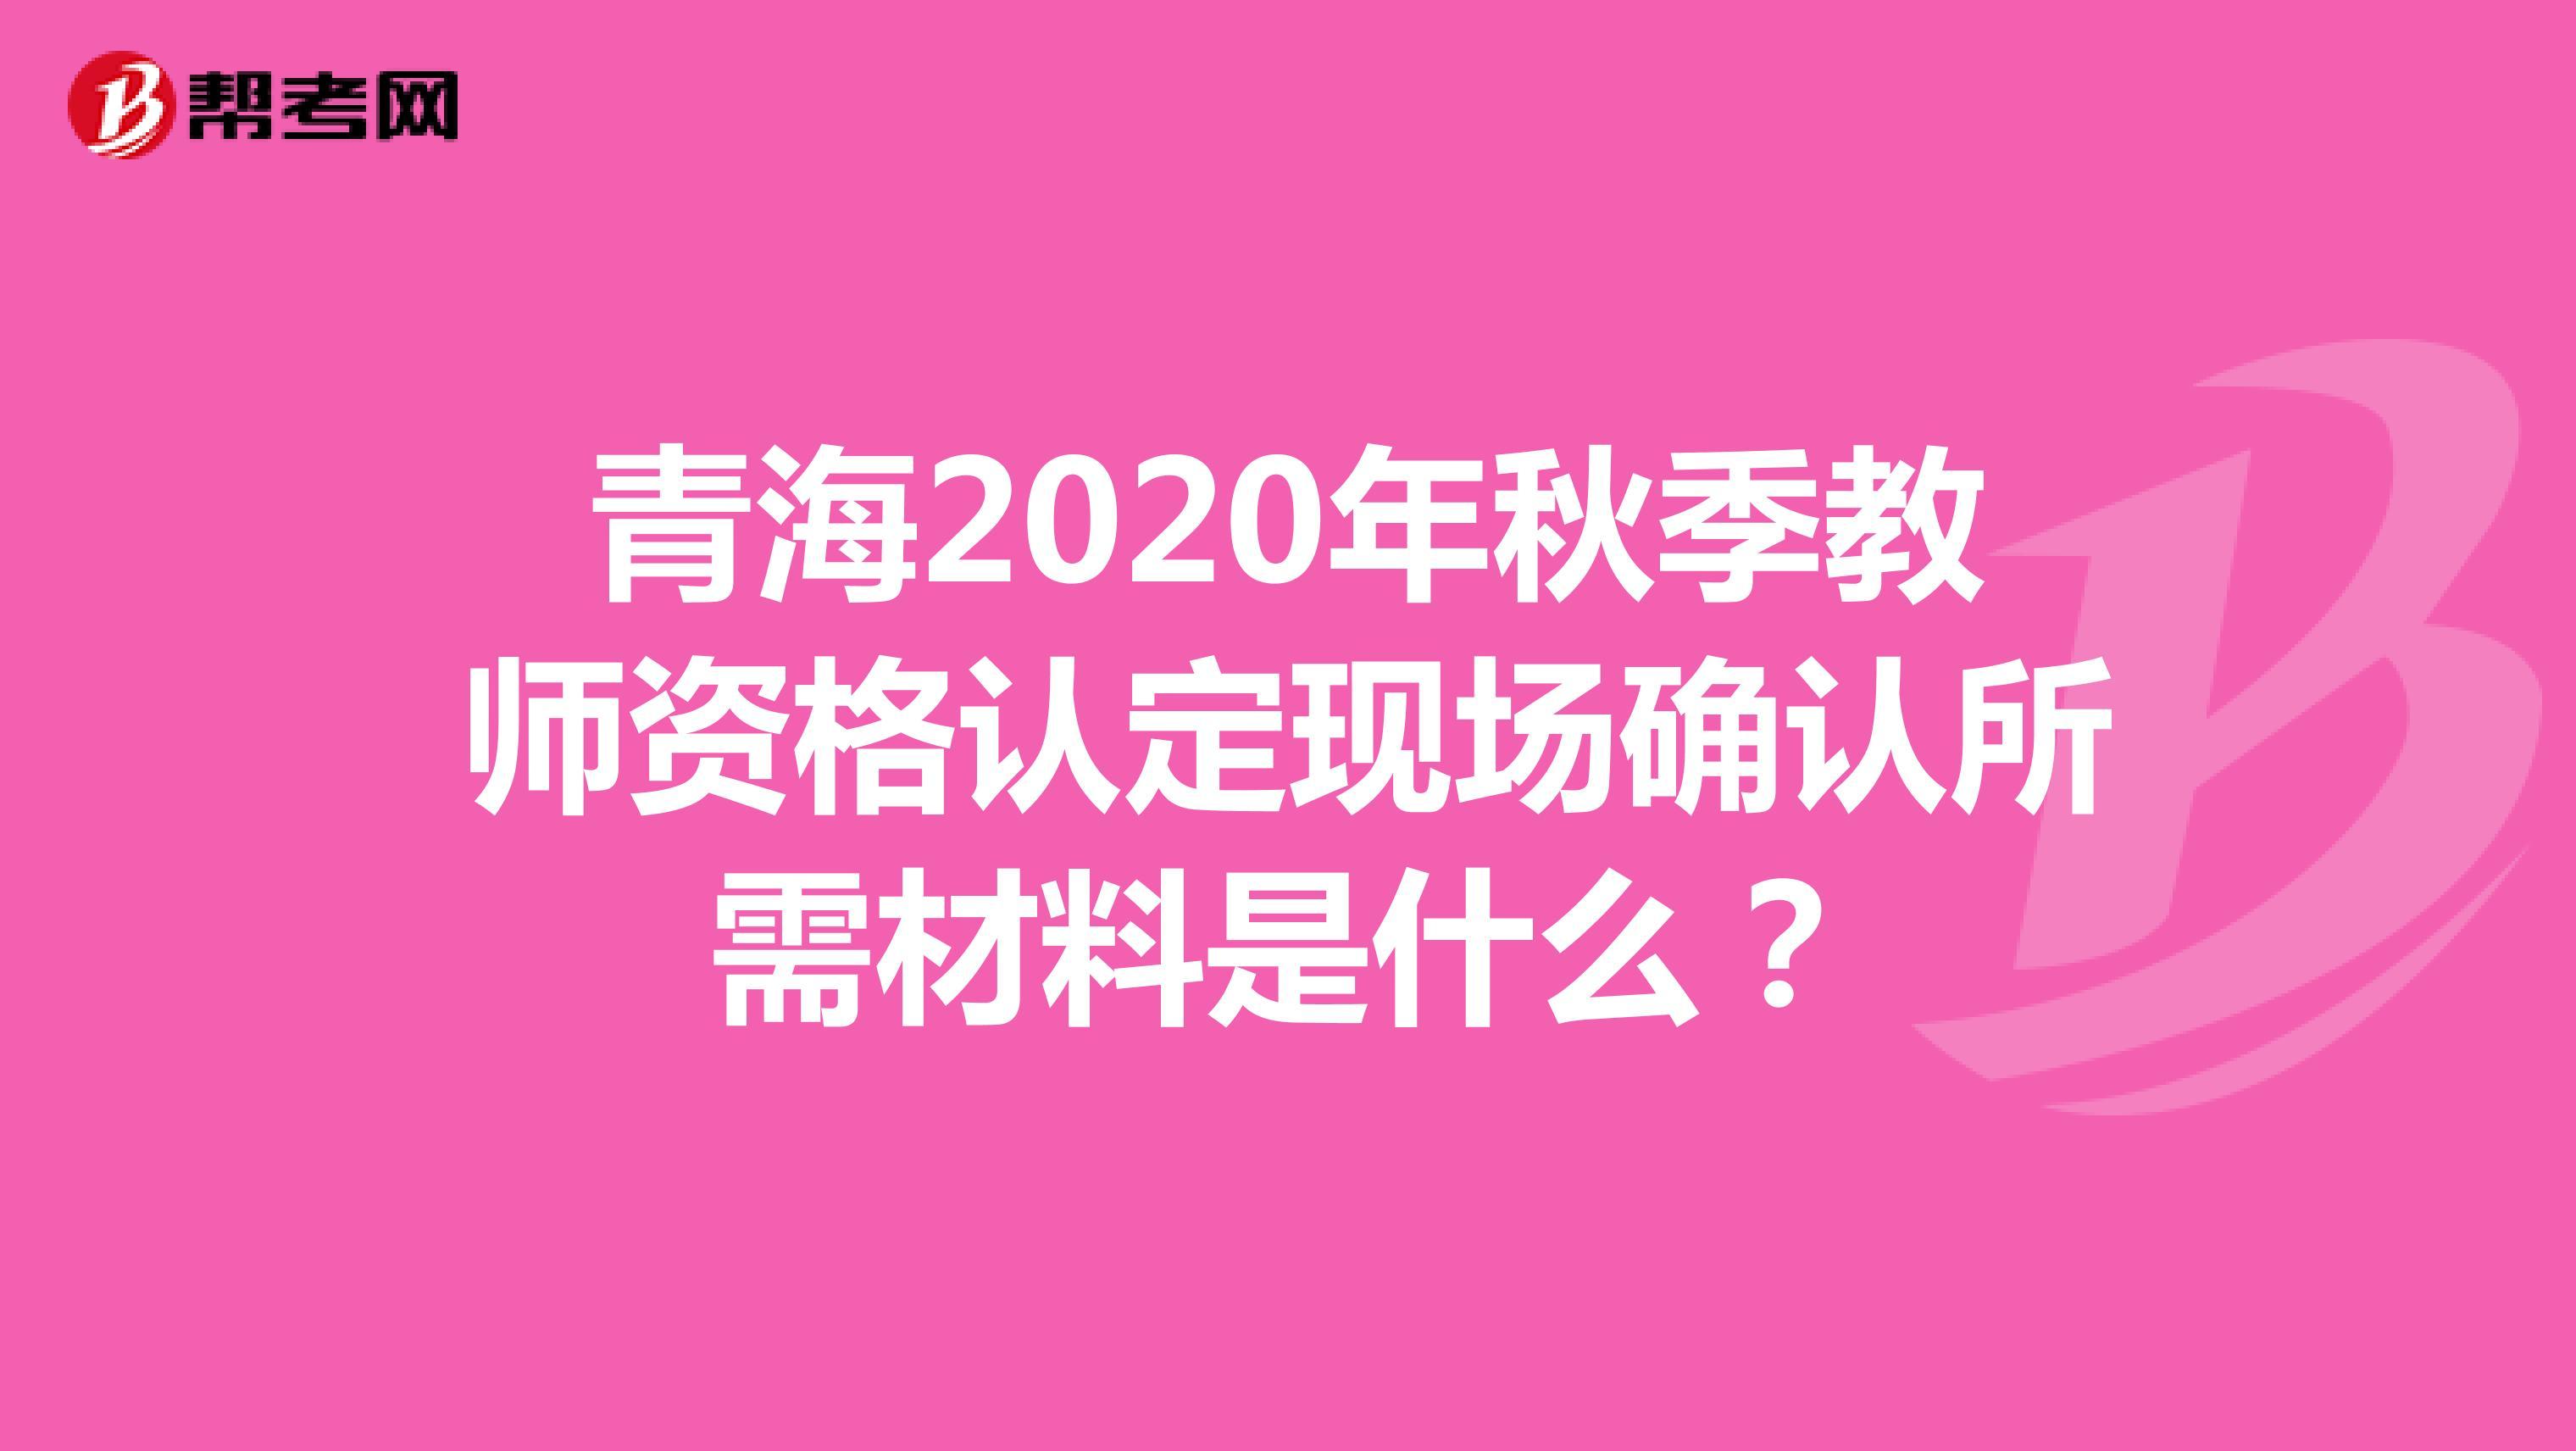 青海2020年秋季教师资格认定现场确认所需材料是什么?